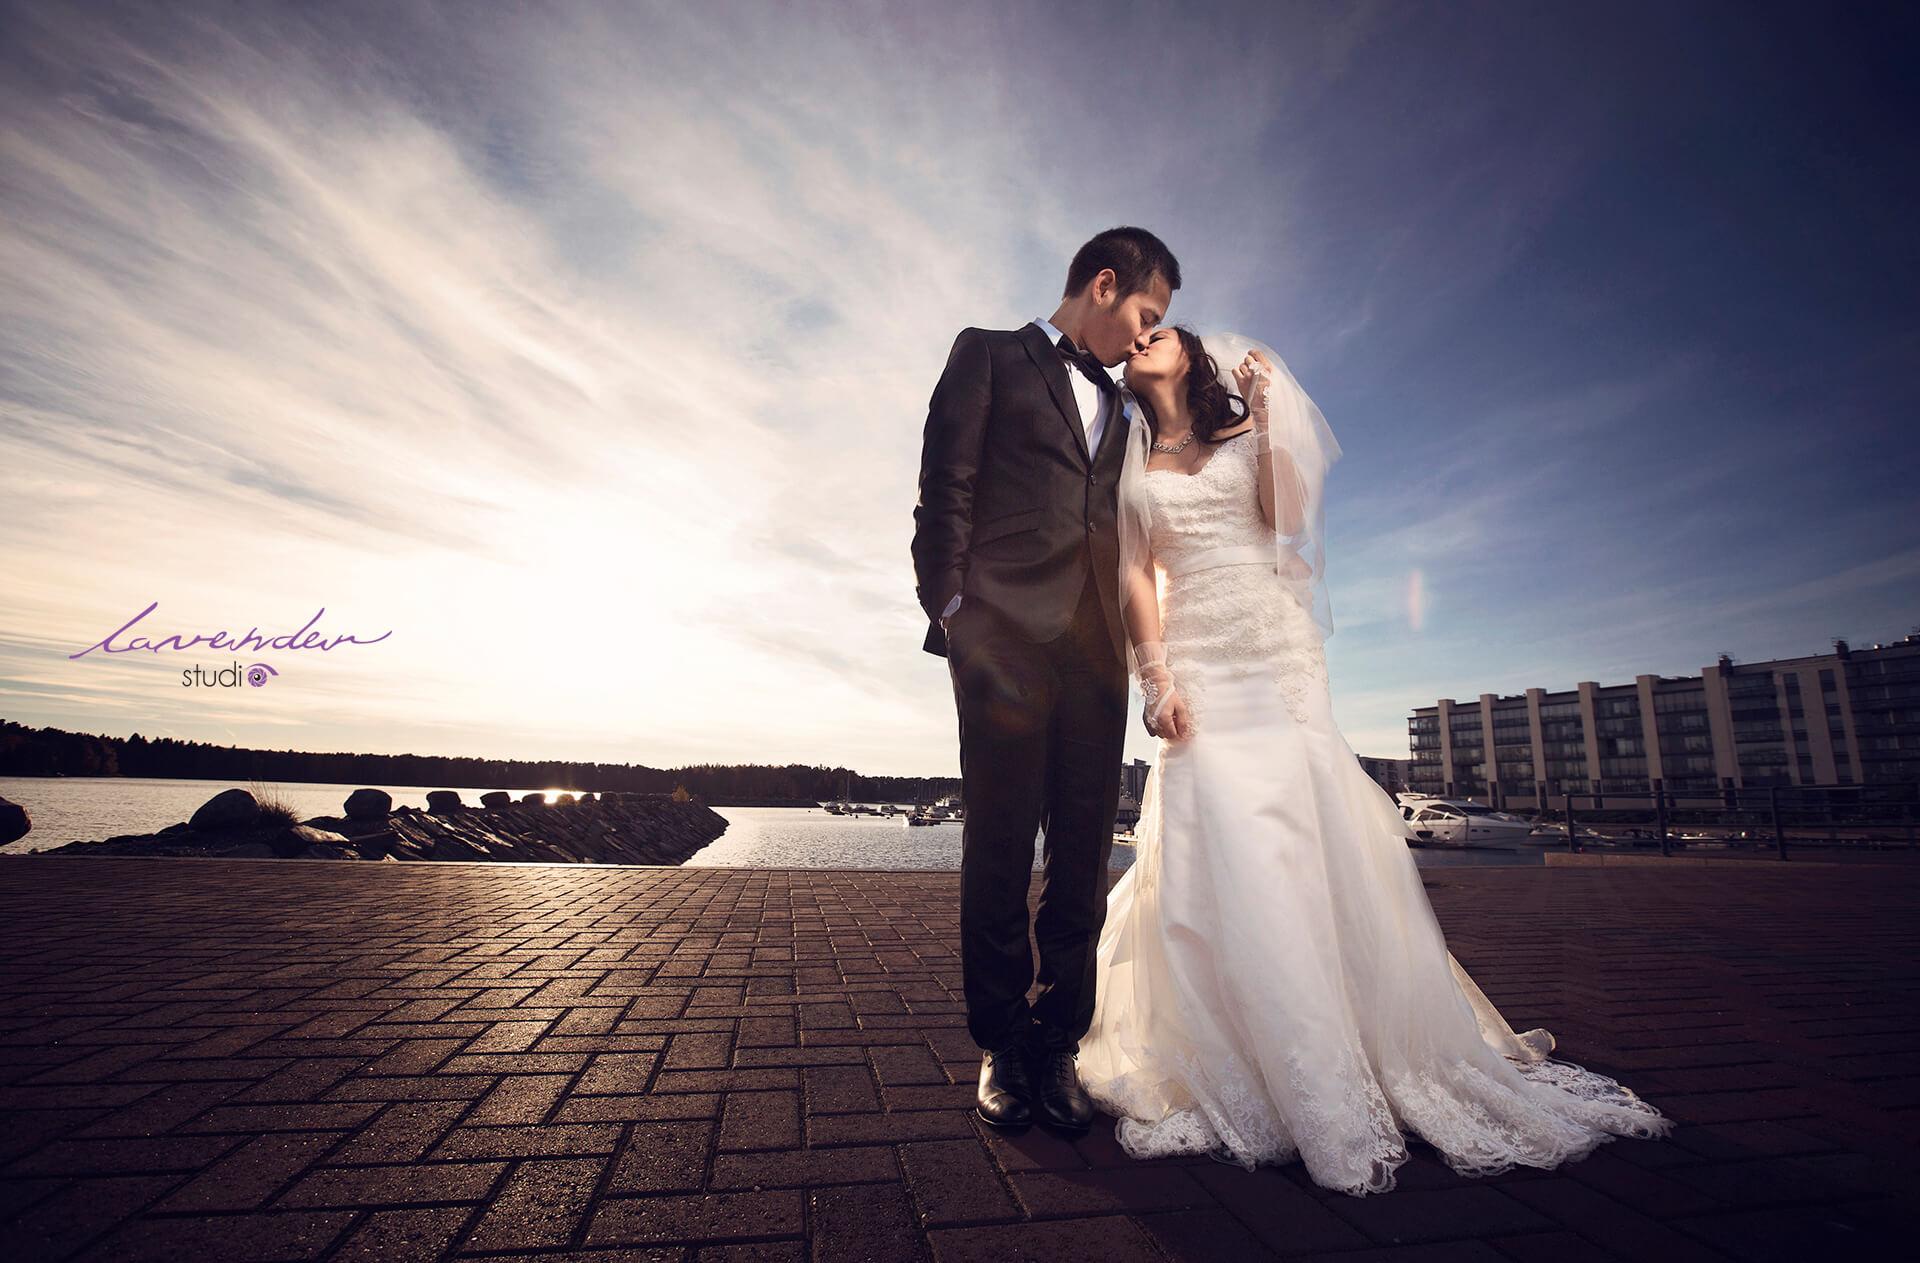 chụp hình cưới ngoại cảnh của Lavender